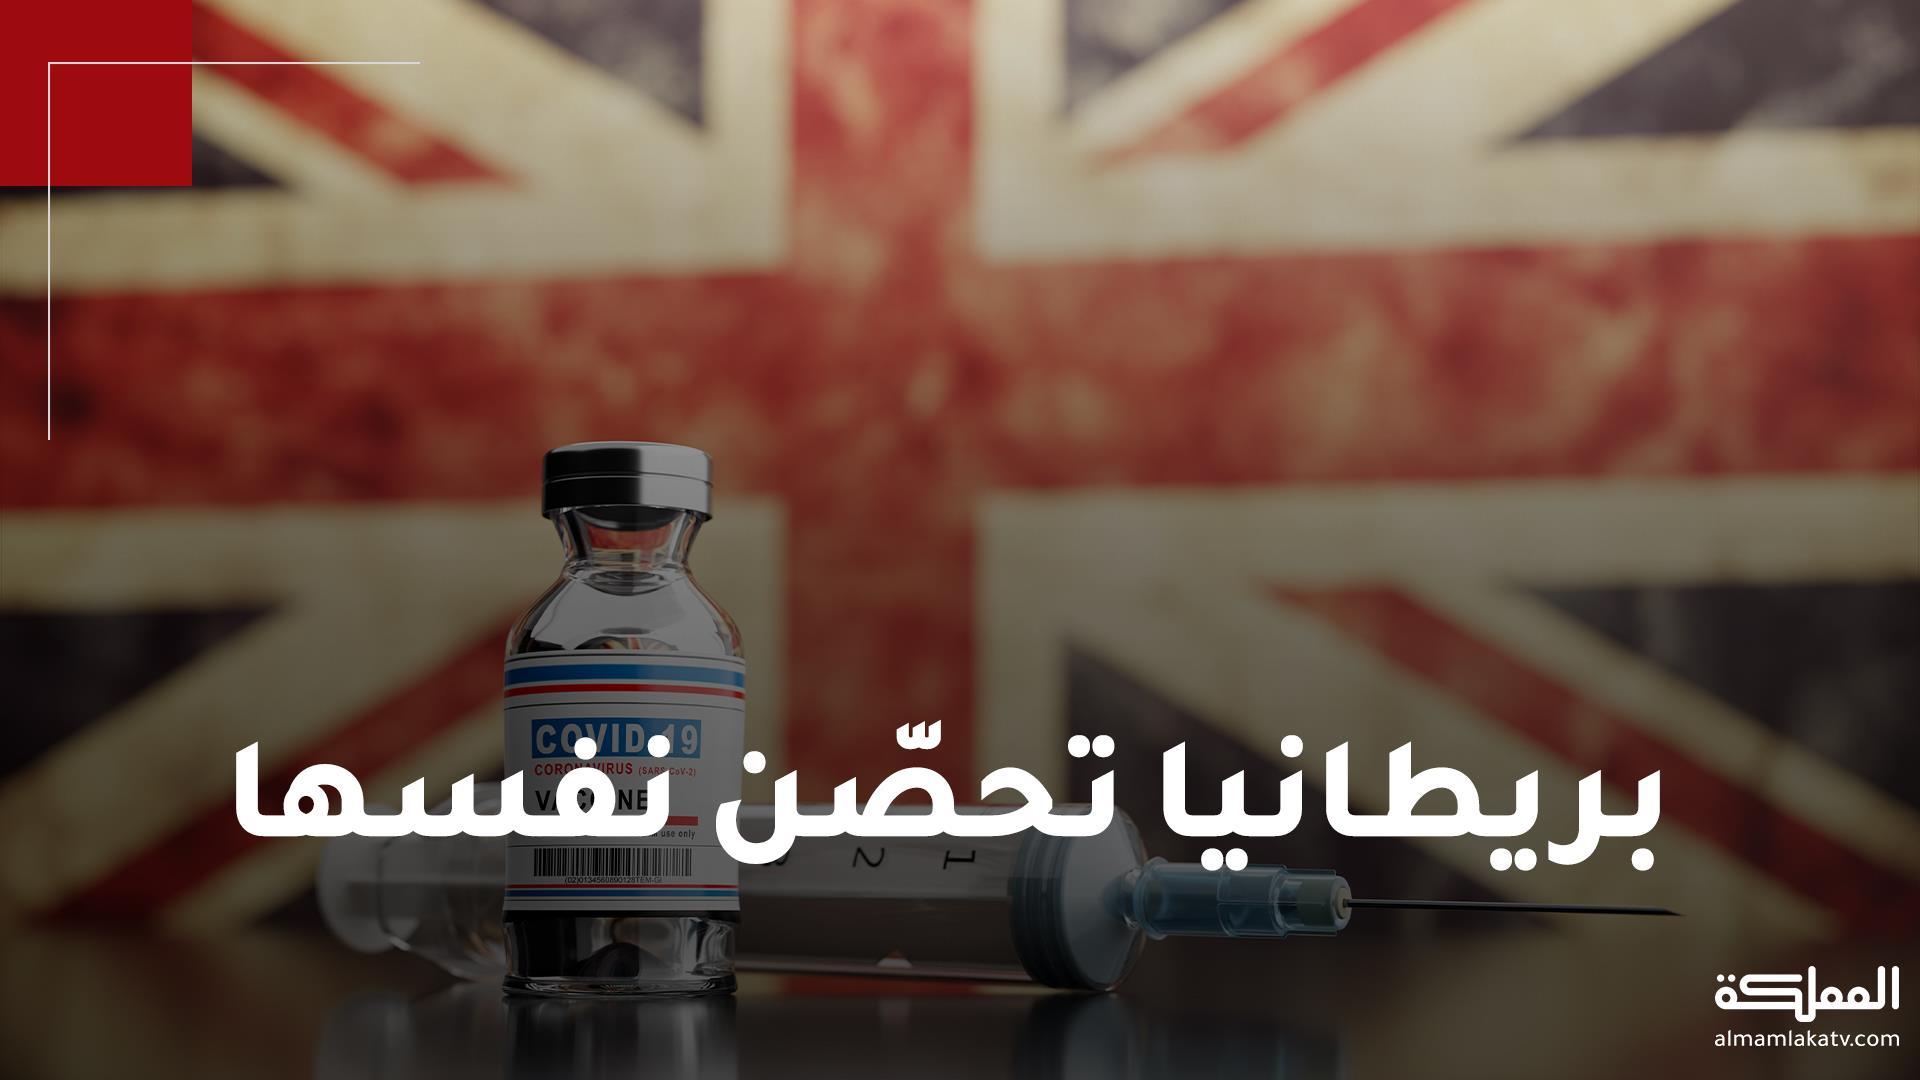 بريطانيا ستصبح أول دولة كبيرة تصل إلى المناعة المجتمعية